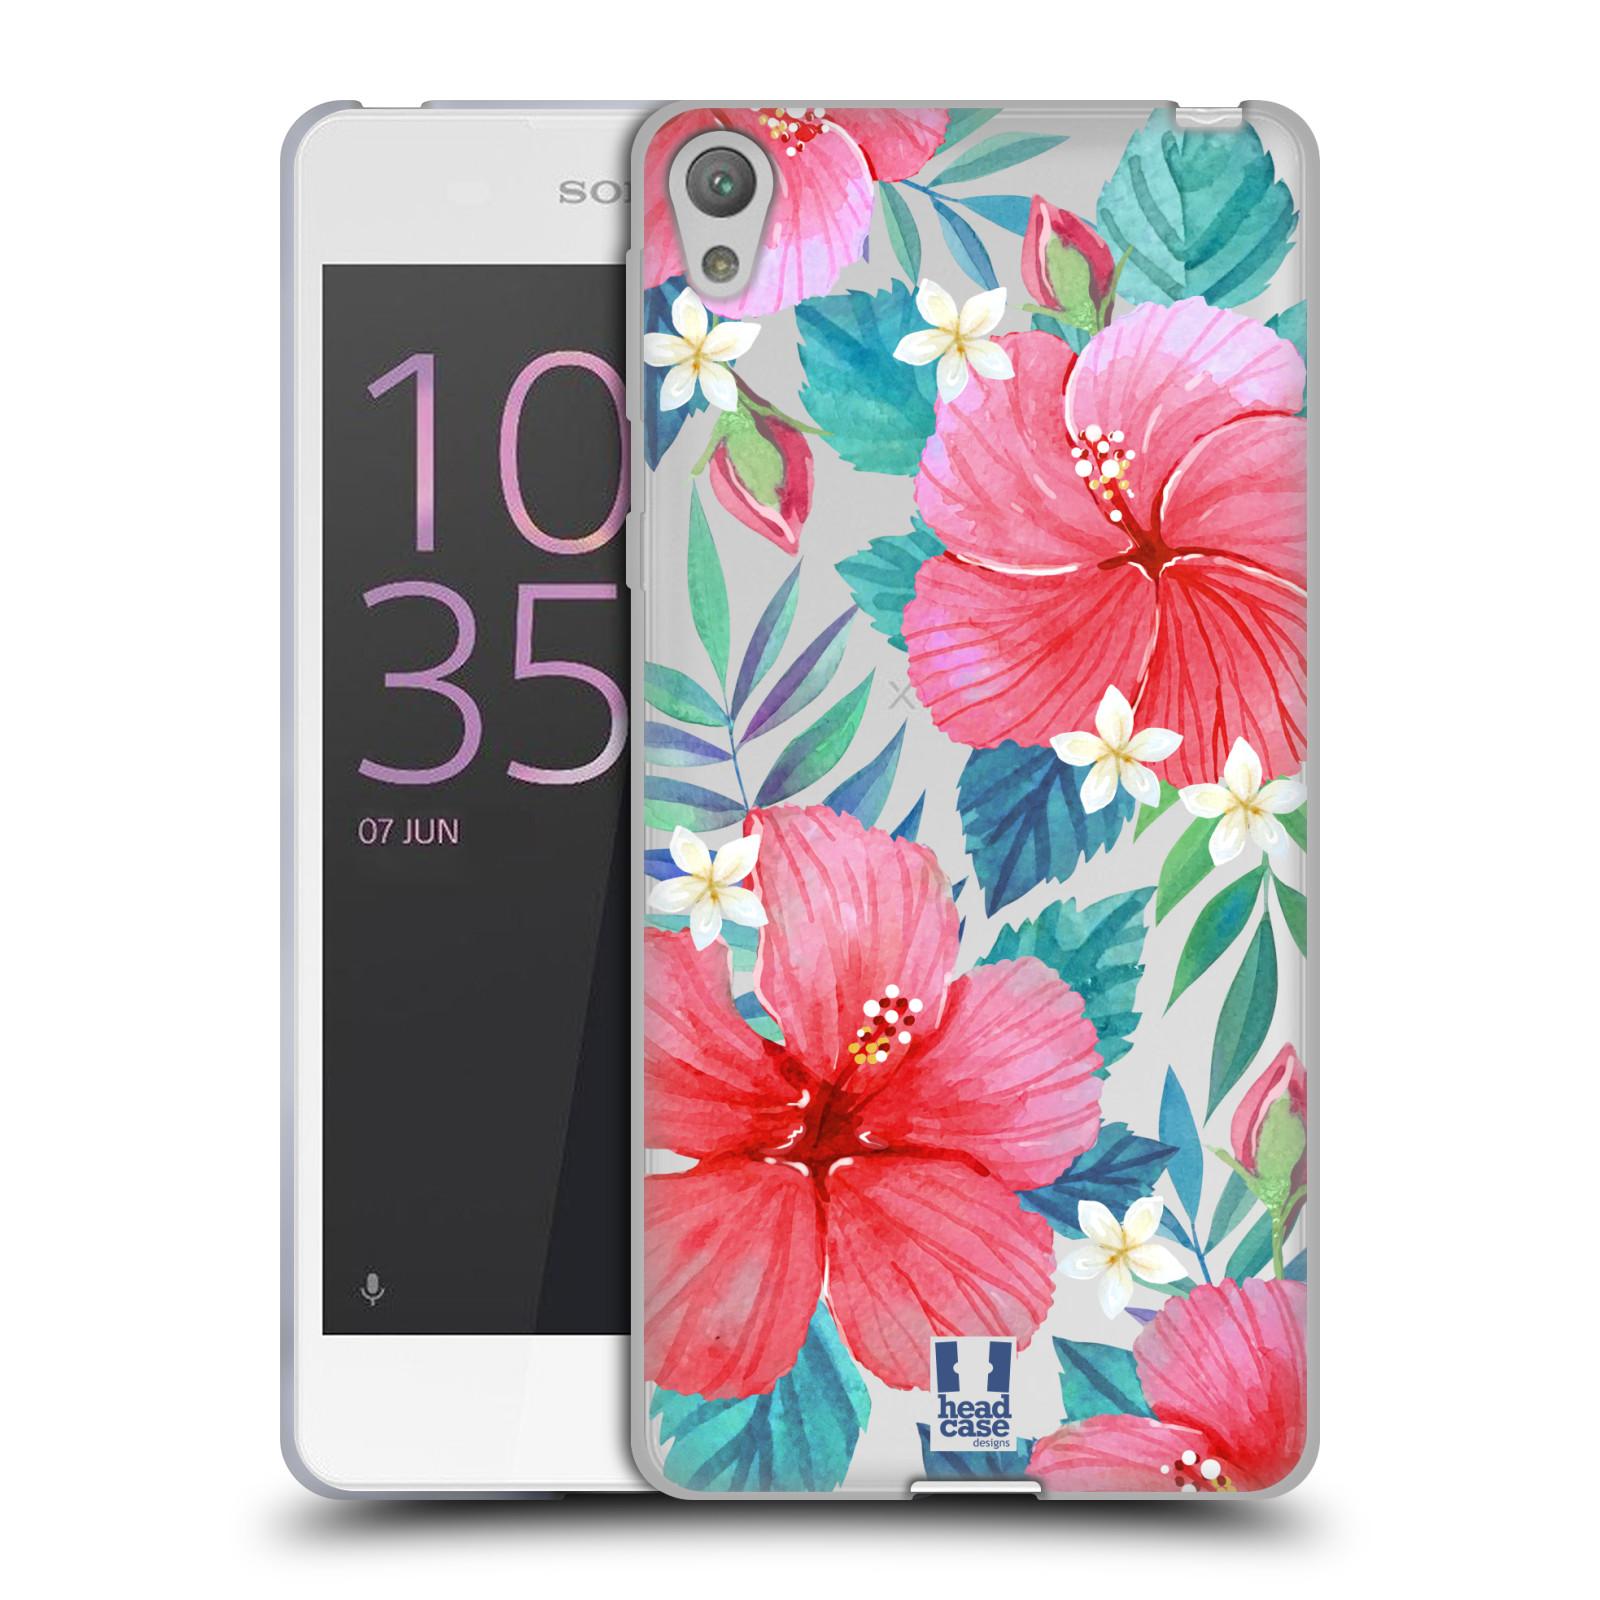 HEAD CASE silikonový obal na mobil Sony Xperia E5 květinové vzory Ibišek čínská růže